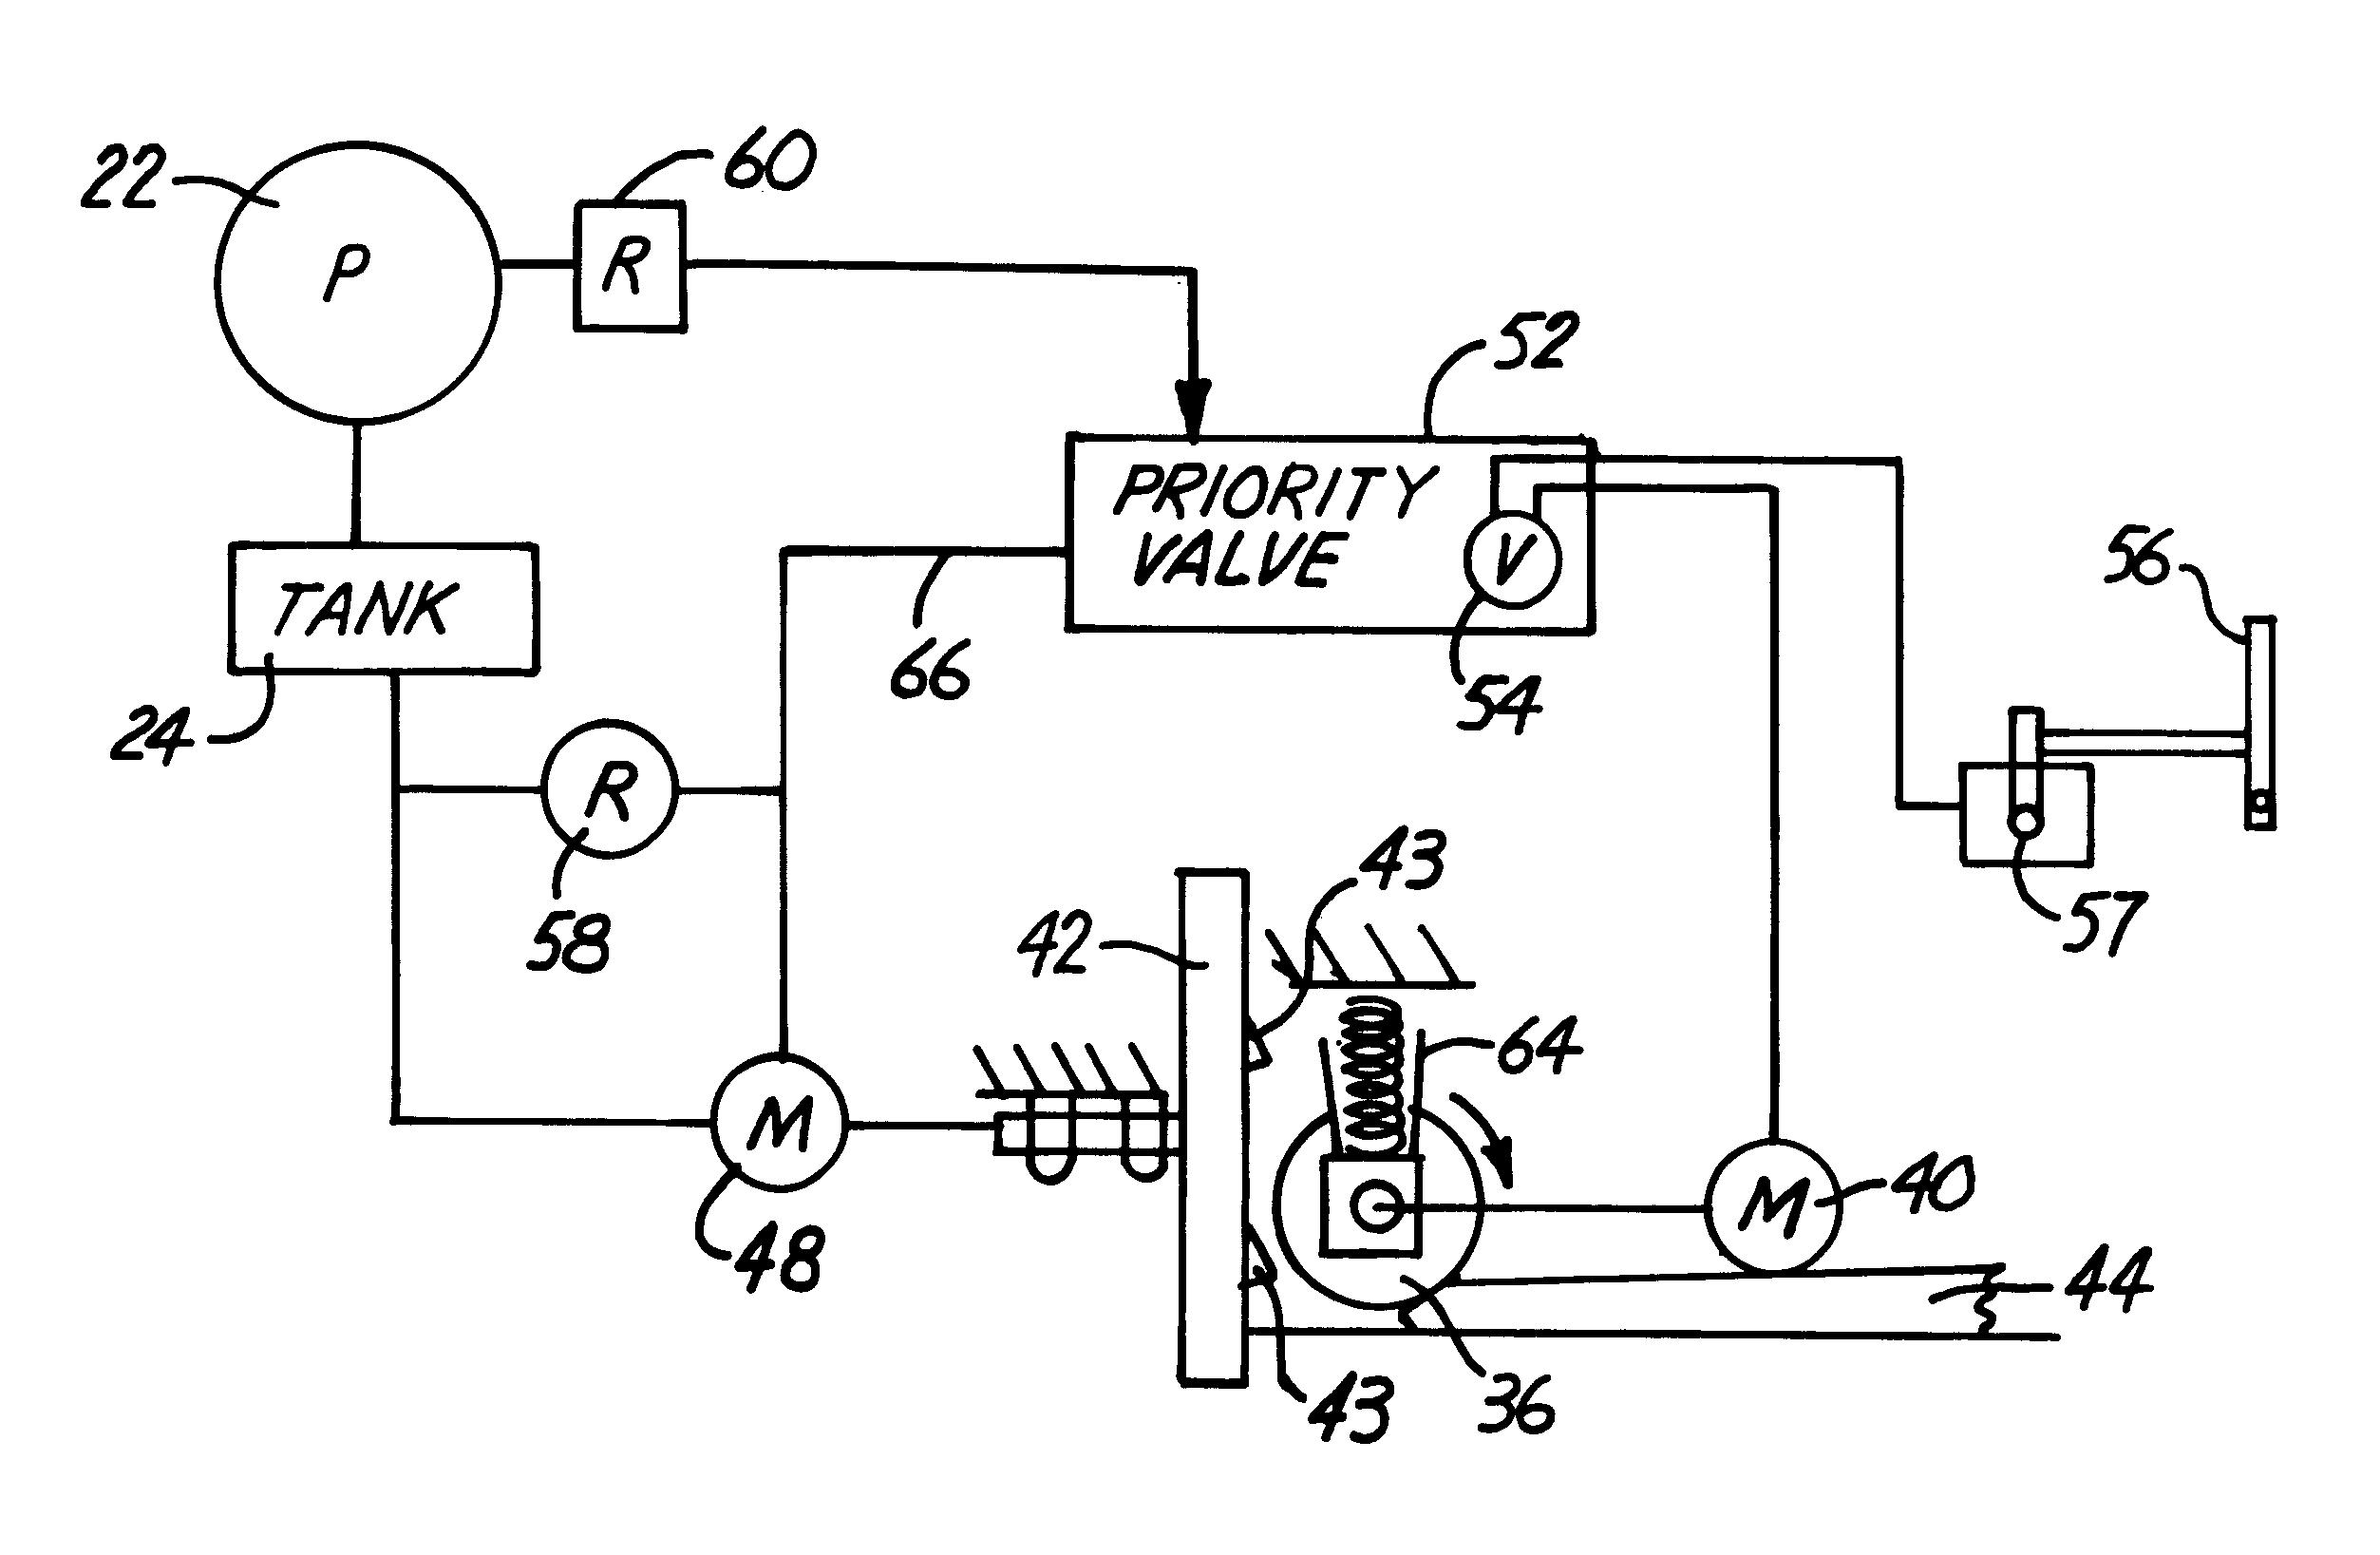 skid steer hydraulic circuit diagram